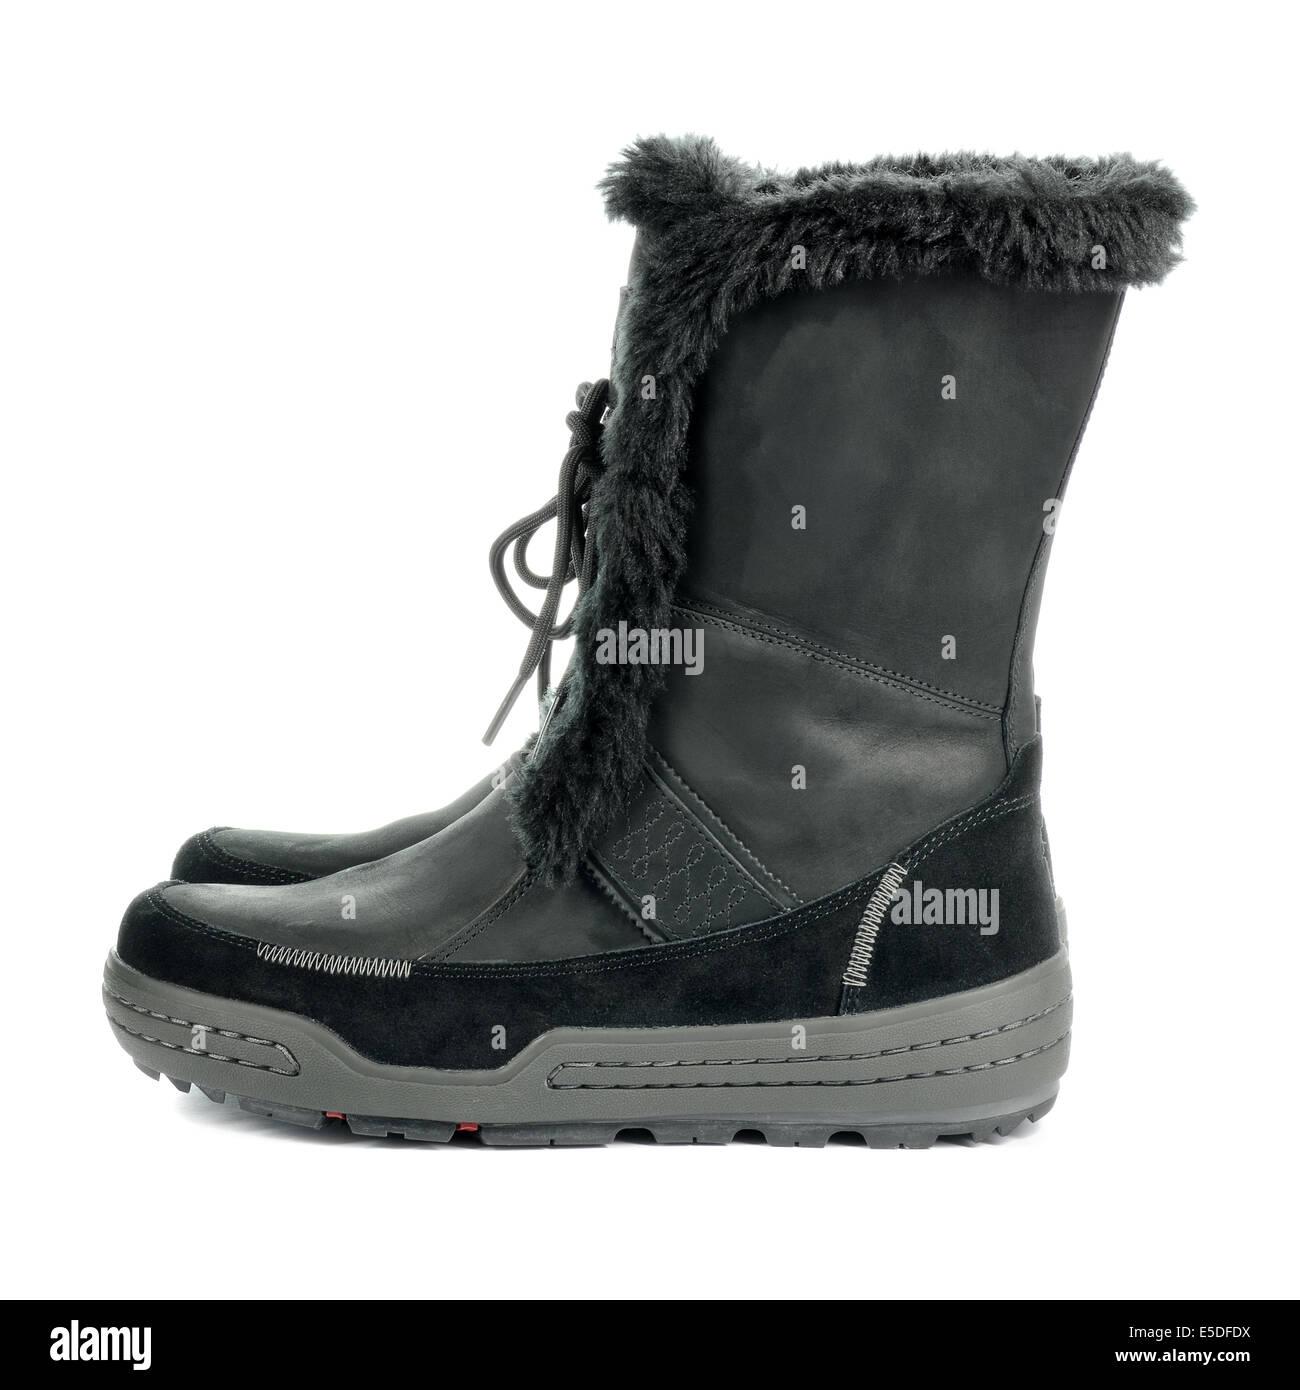 Schwarze warme feminine Stiefel. Winter Schuhe isoliert auf weißem  Hintergrund. Stockbild 0cfa243486